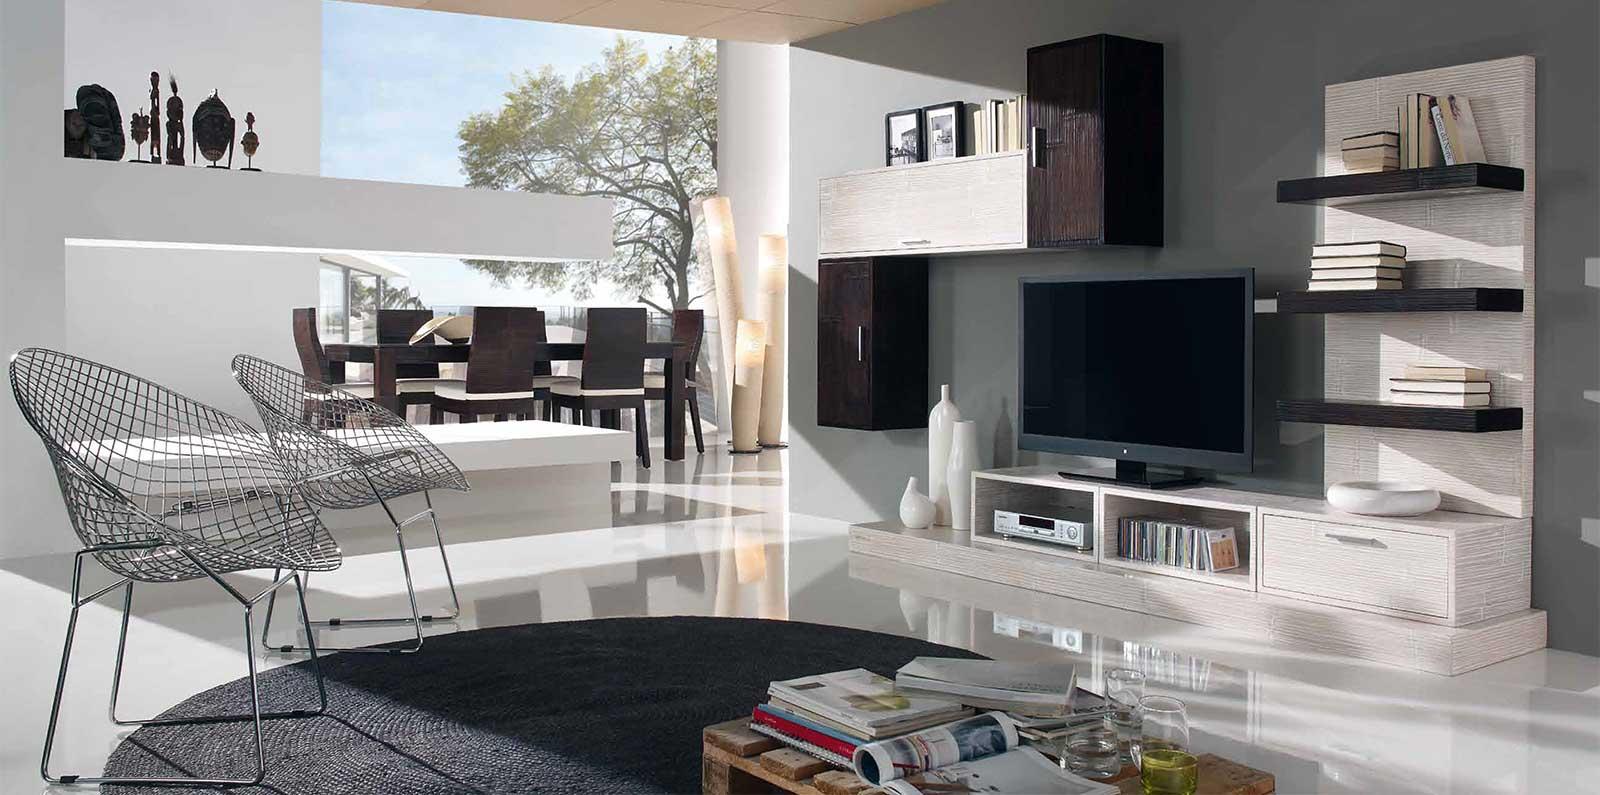 Découvrez les meubles modulables, 3 finitions, de la collection Indah